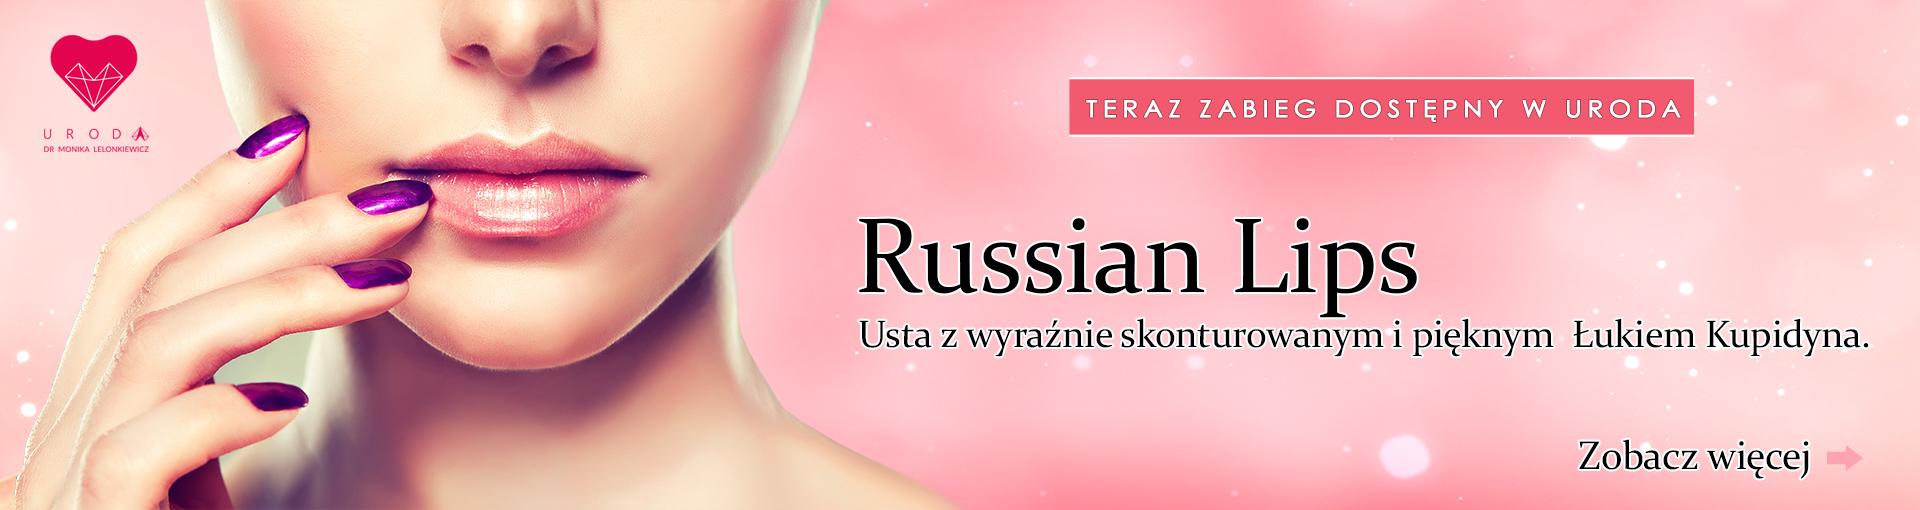 Uroda.in - Zabieg powiększania i modelowania ust. Również w naszej ofercie Russian Lips - usta kupidyna